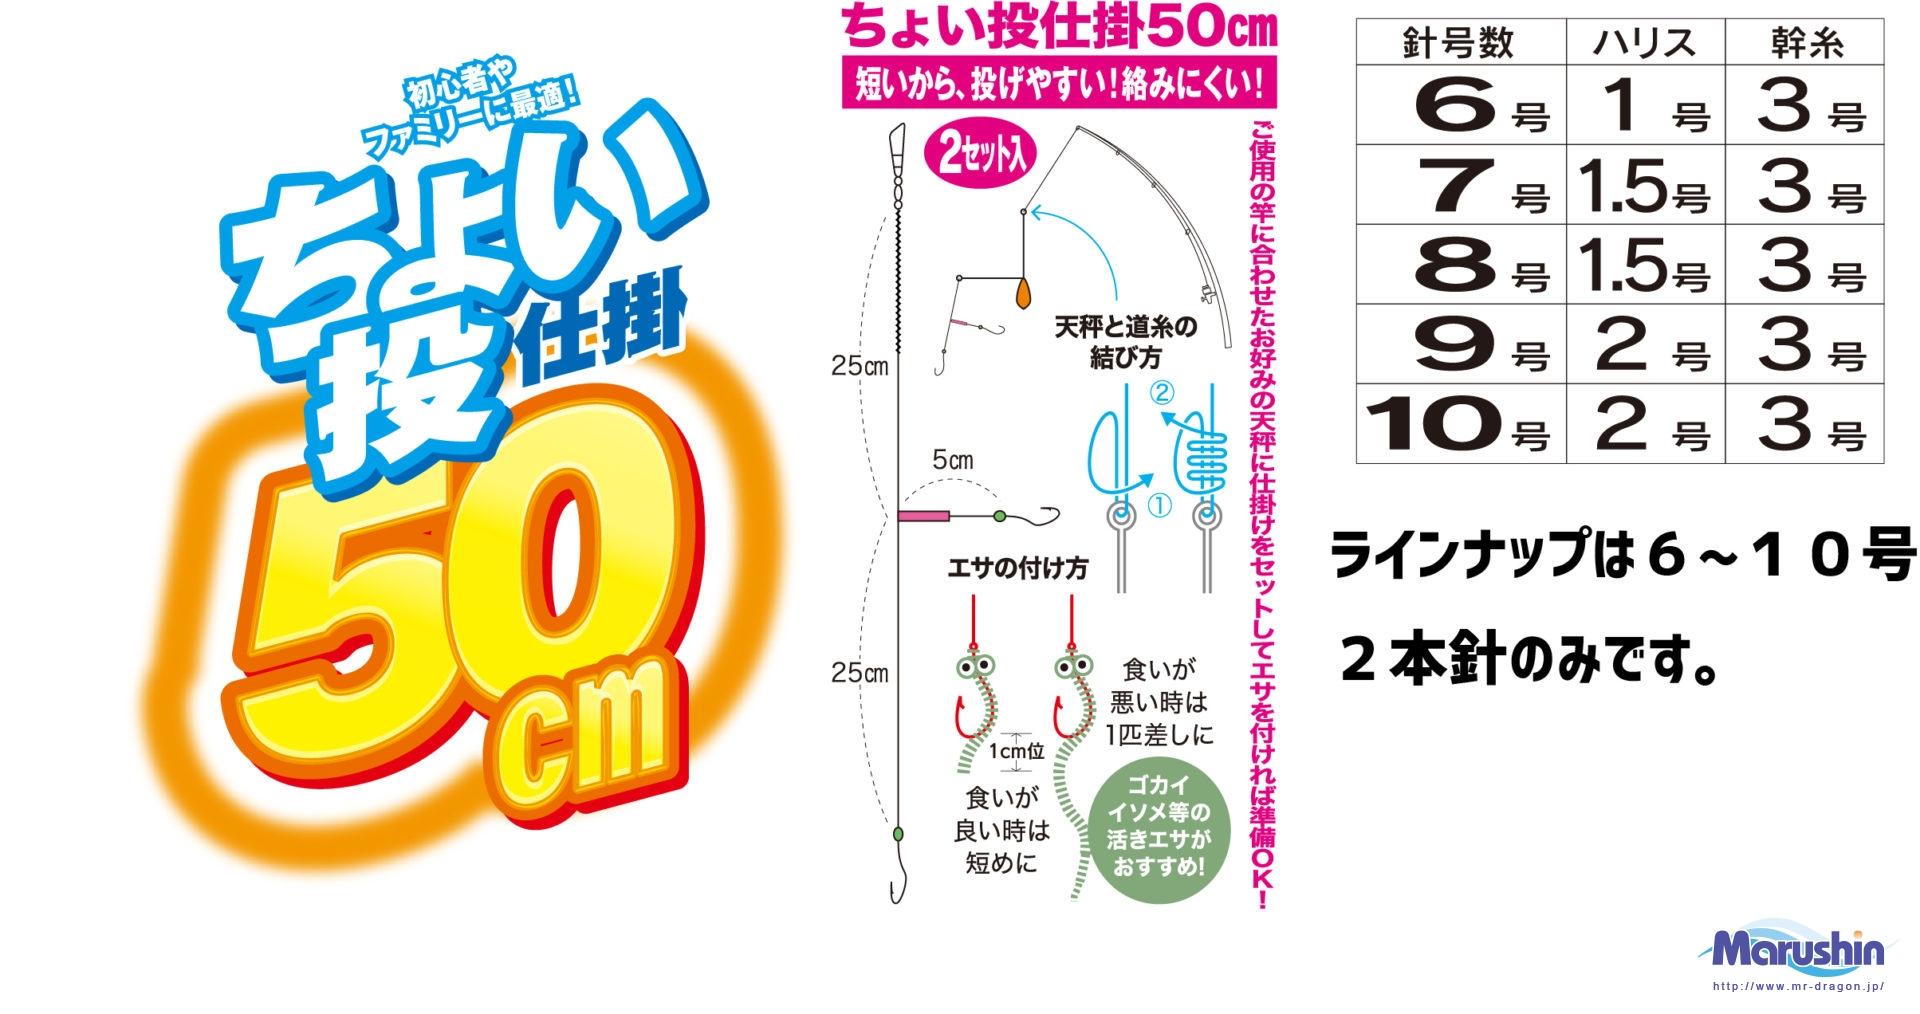 ちょい投げ仕掛け50cm(2本針2セット入) 6号~10号イメージ画像